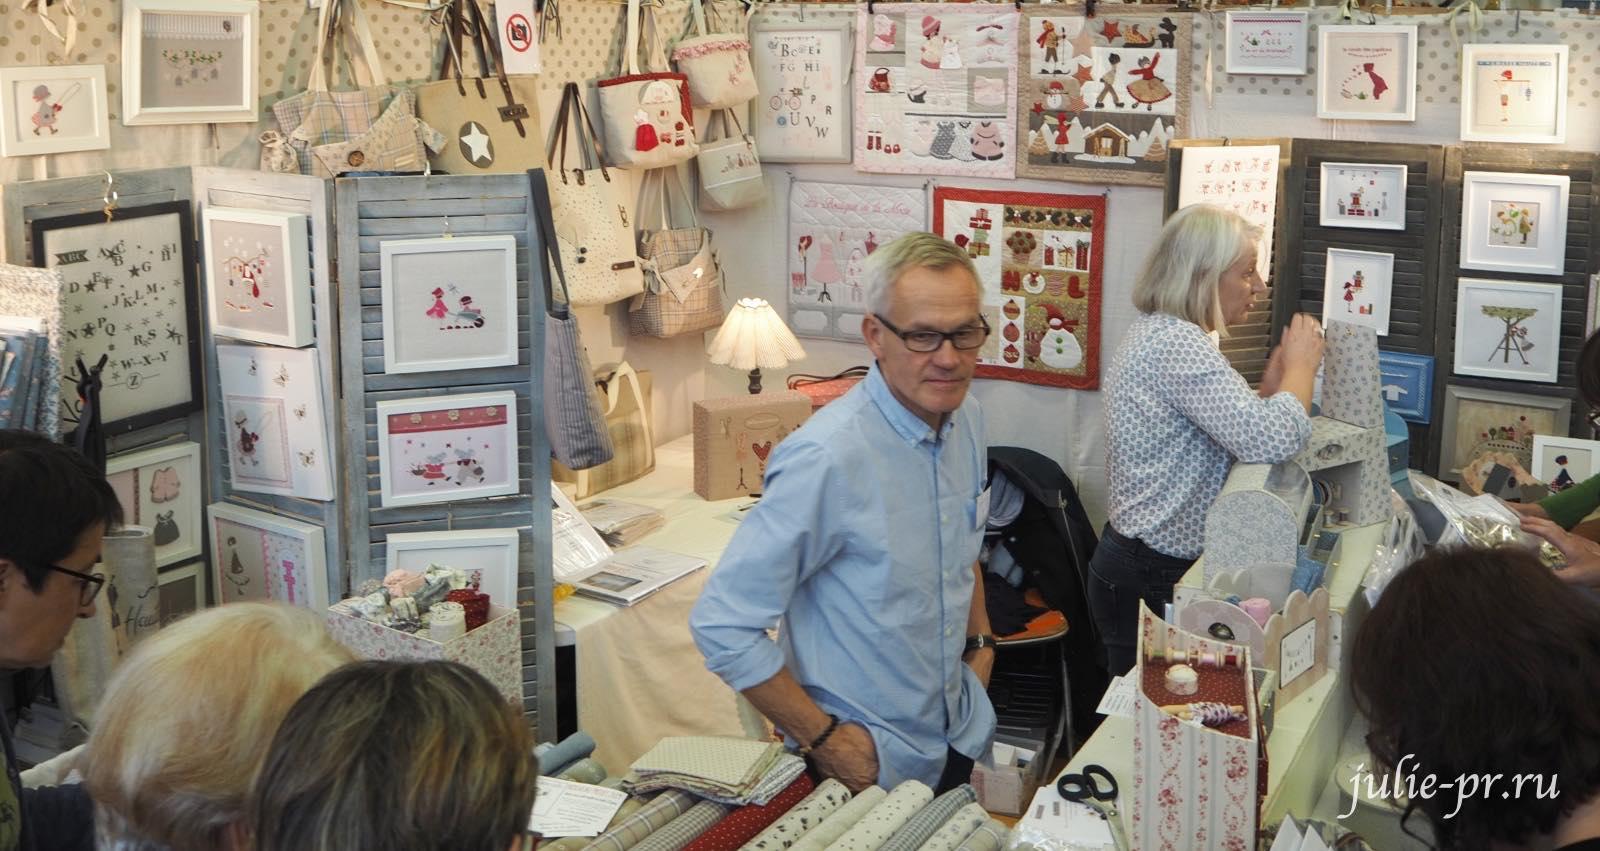 Le comptoir d'Eugenie, вышивка крестом, Création autour du fil